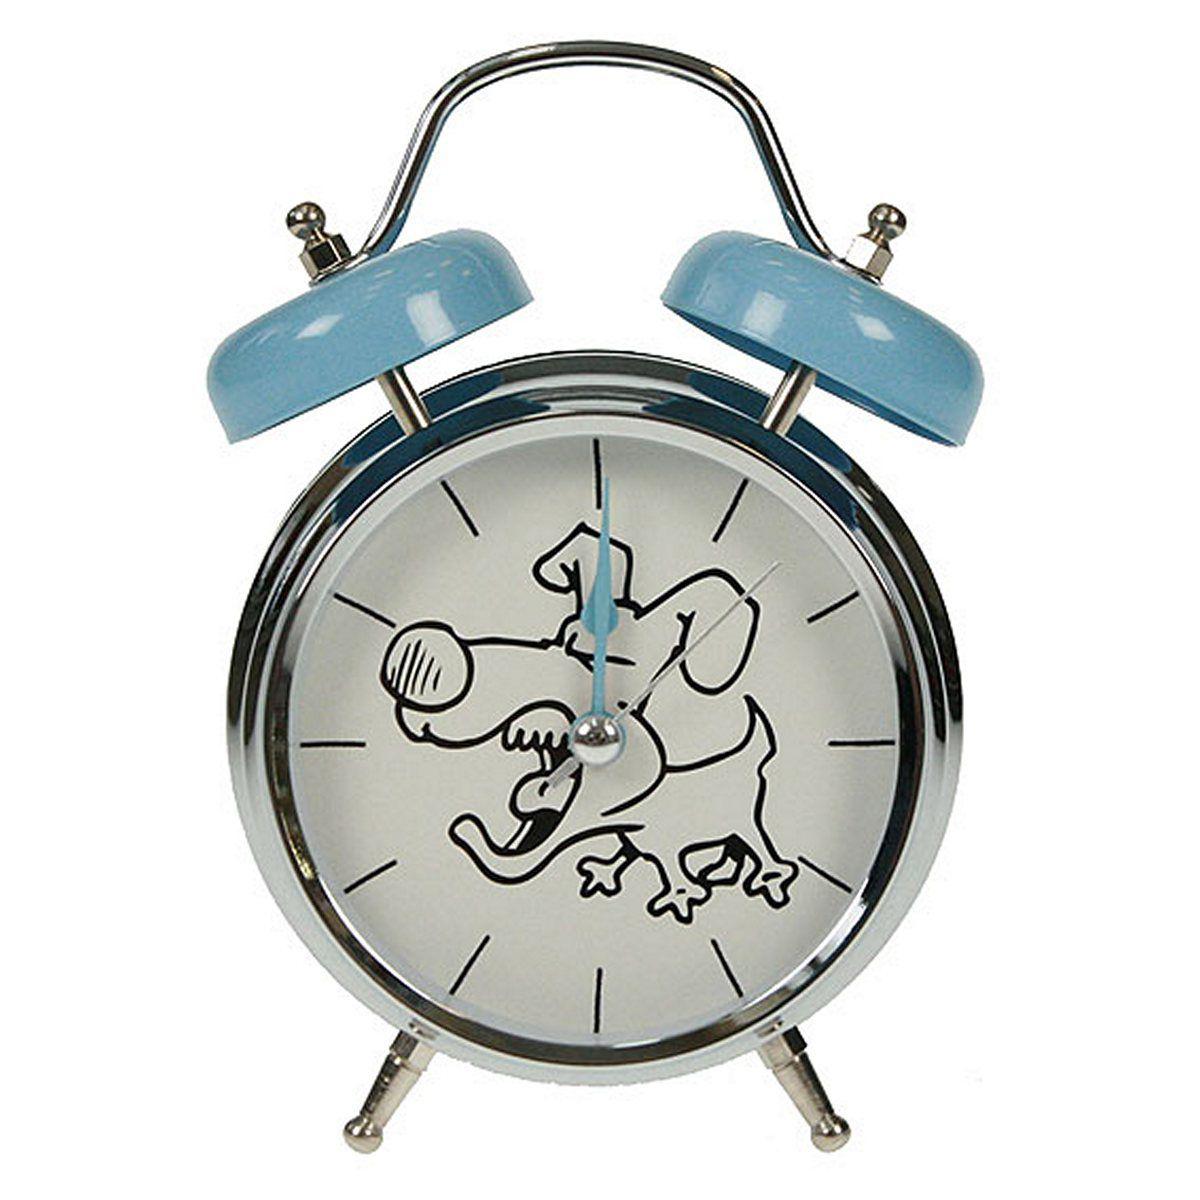 Часы настольные Русские Подарки Собака, с функцией будильника, 12 х 6 х 17 см. 232411232411Настольные кварцевые часы Русские Подарки Собака изготовлены из металла, циферблат защищен стеклом. Оригинальное оформление в виде смешной собаки поднимет настроение, а благодаря функции будильника вы проснетесь вовремя. Часы имеют три стрелки - часовую, минутную и секундную.Такие часы украсят интерьер дома или рабочий стол в офисе. Также часы могут стать уникальным, полезным подарком для родственников, коллег, знакомых и близких.Часы работают от батареек типа АА (в комплект не входят).